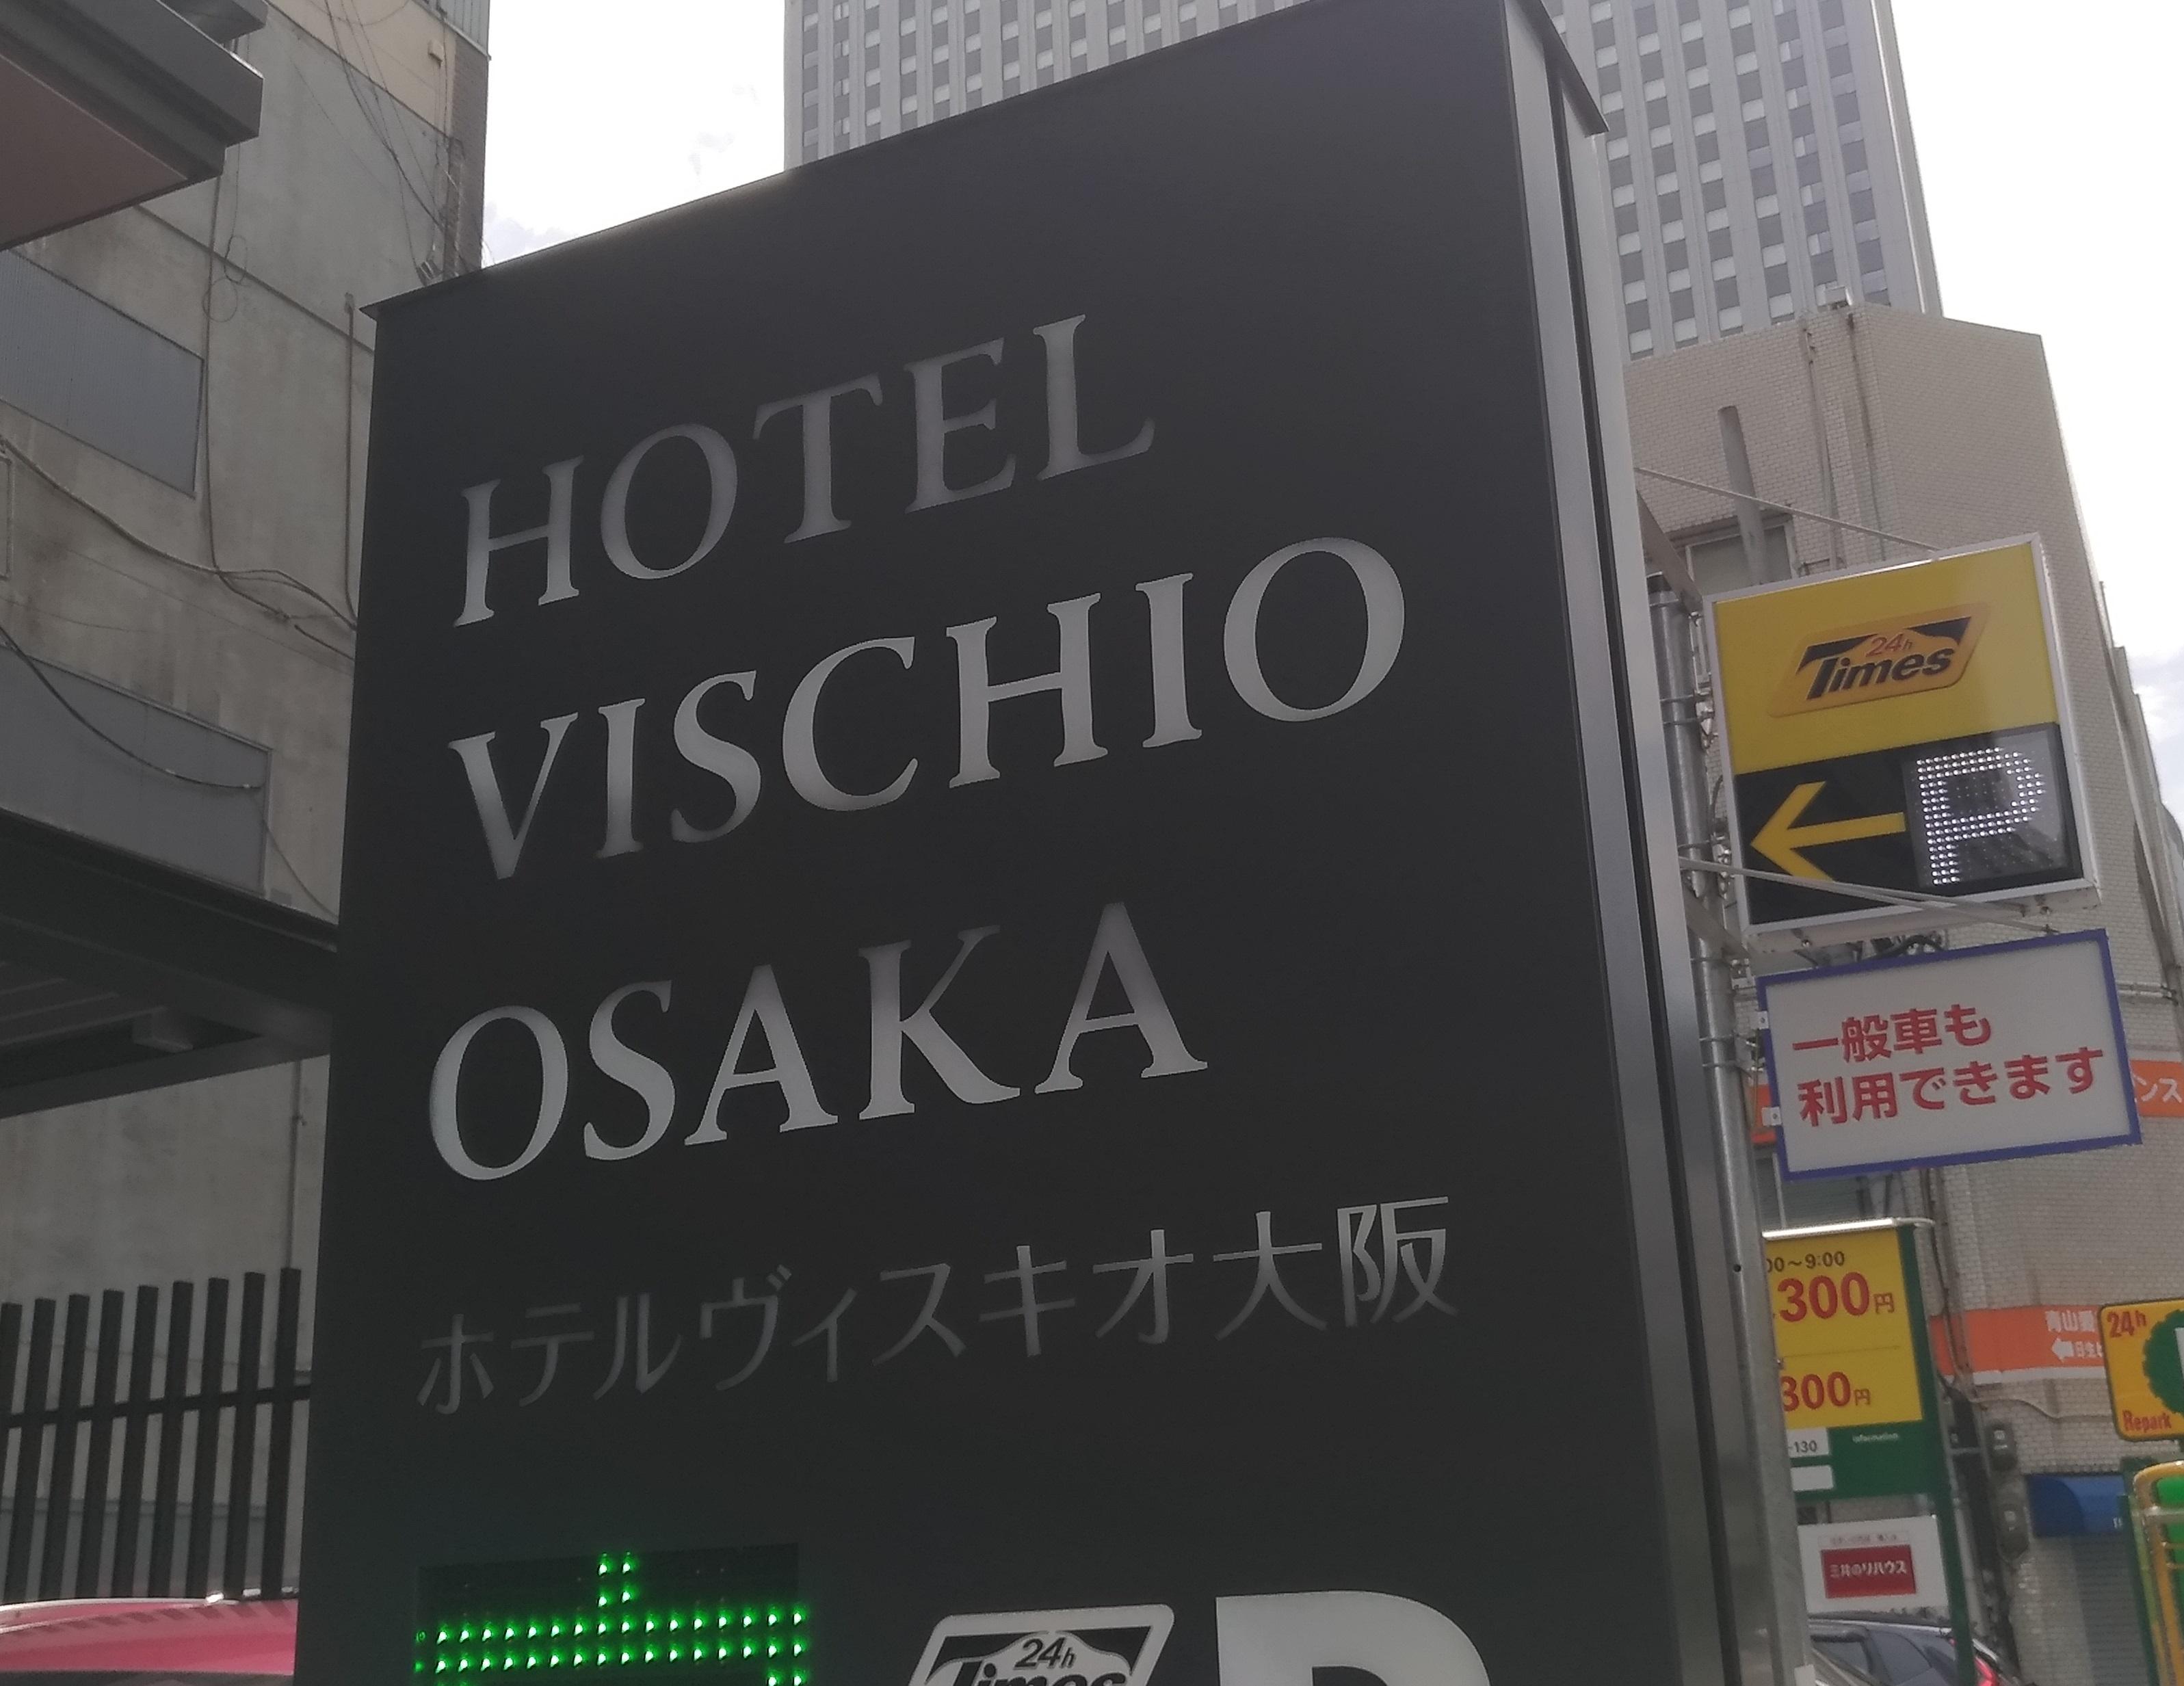 osaka_hotel_umeda_vischio.jpg